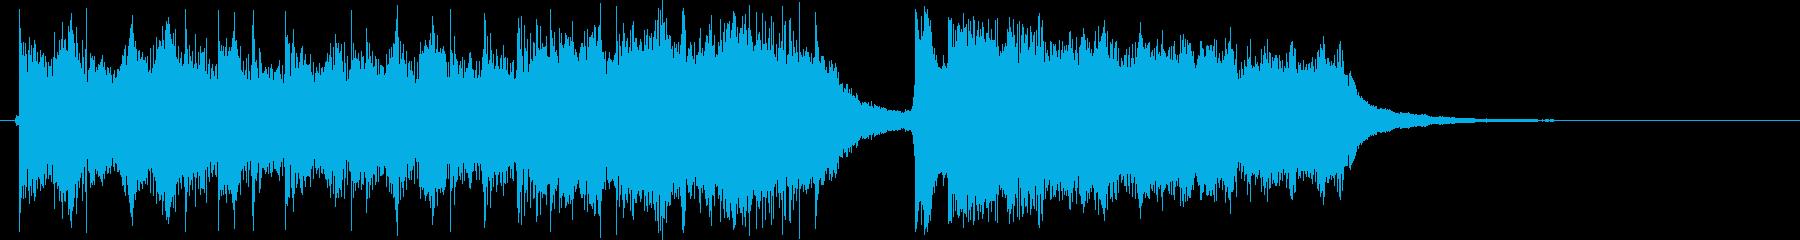 強いトーンのジングル曲の再生済みの波形